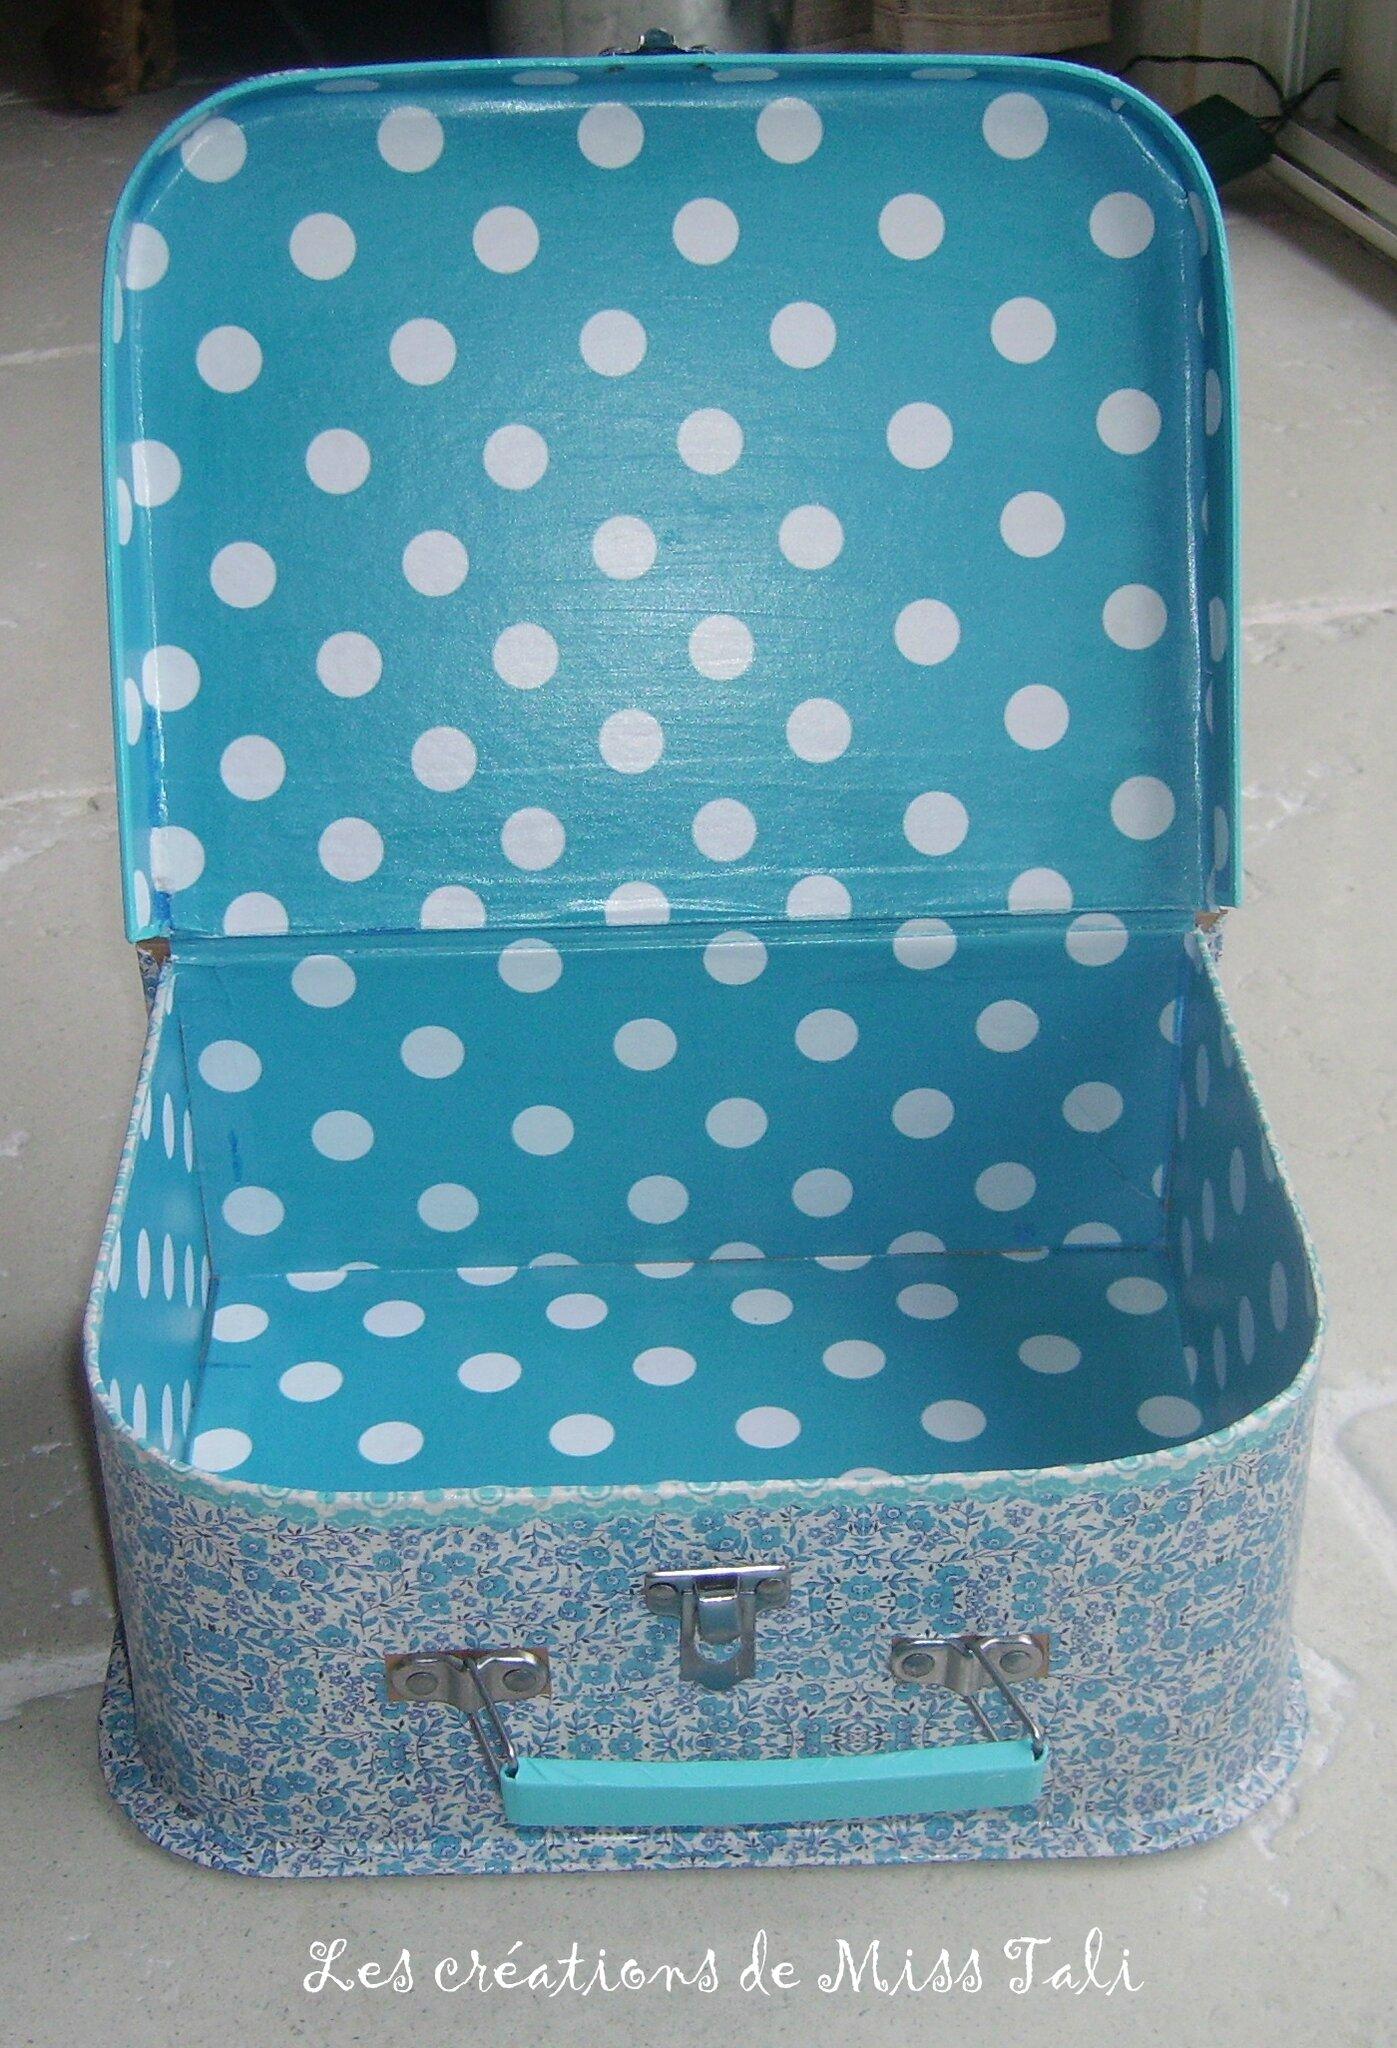 comme la boite secrets cette petite valise tali cr ations. Black Bedroom Furniture Sets. Home Design Ideas